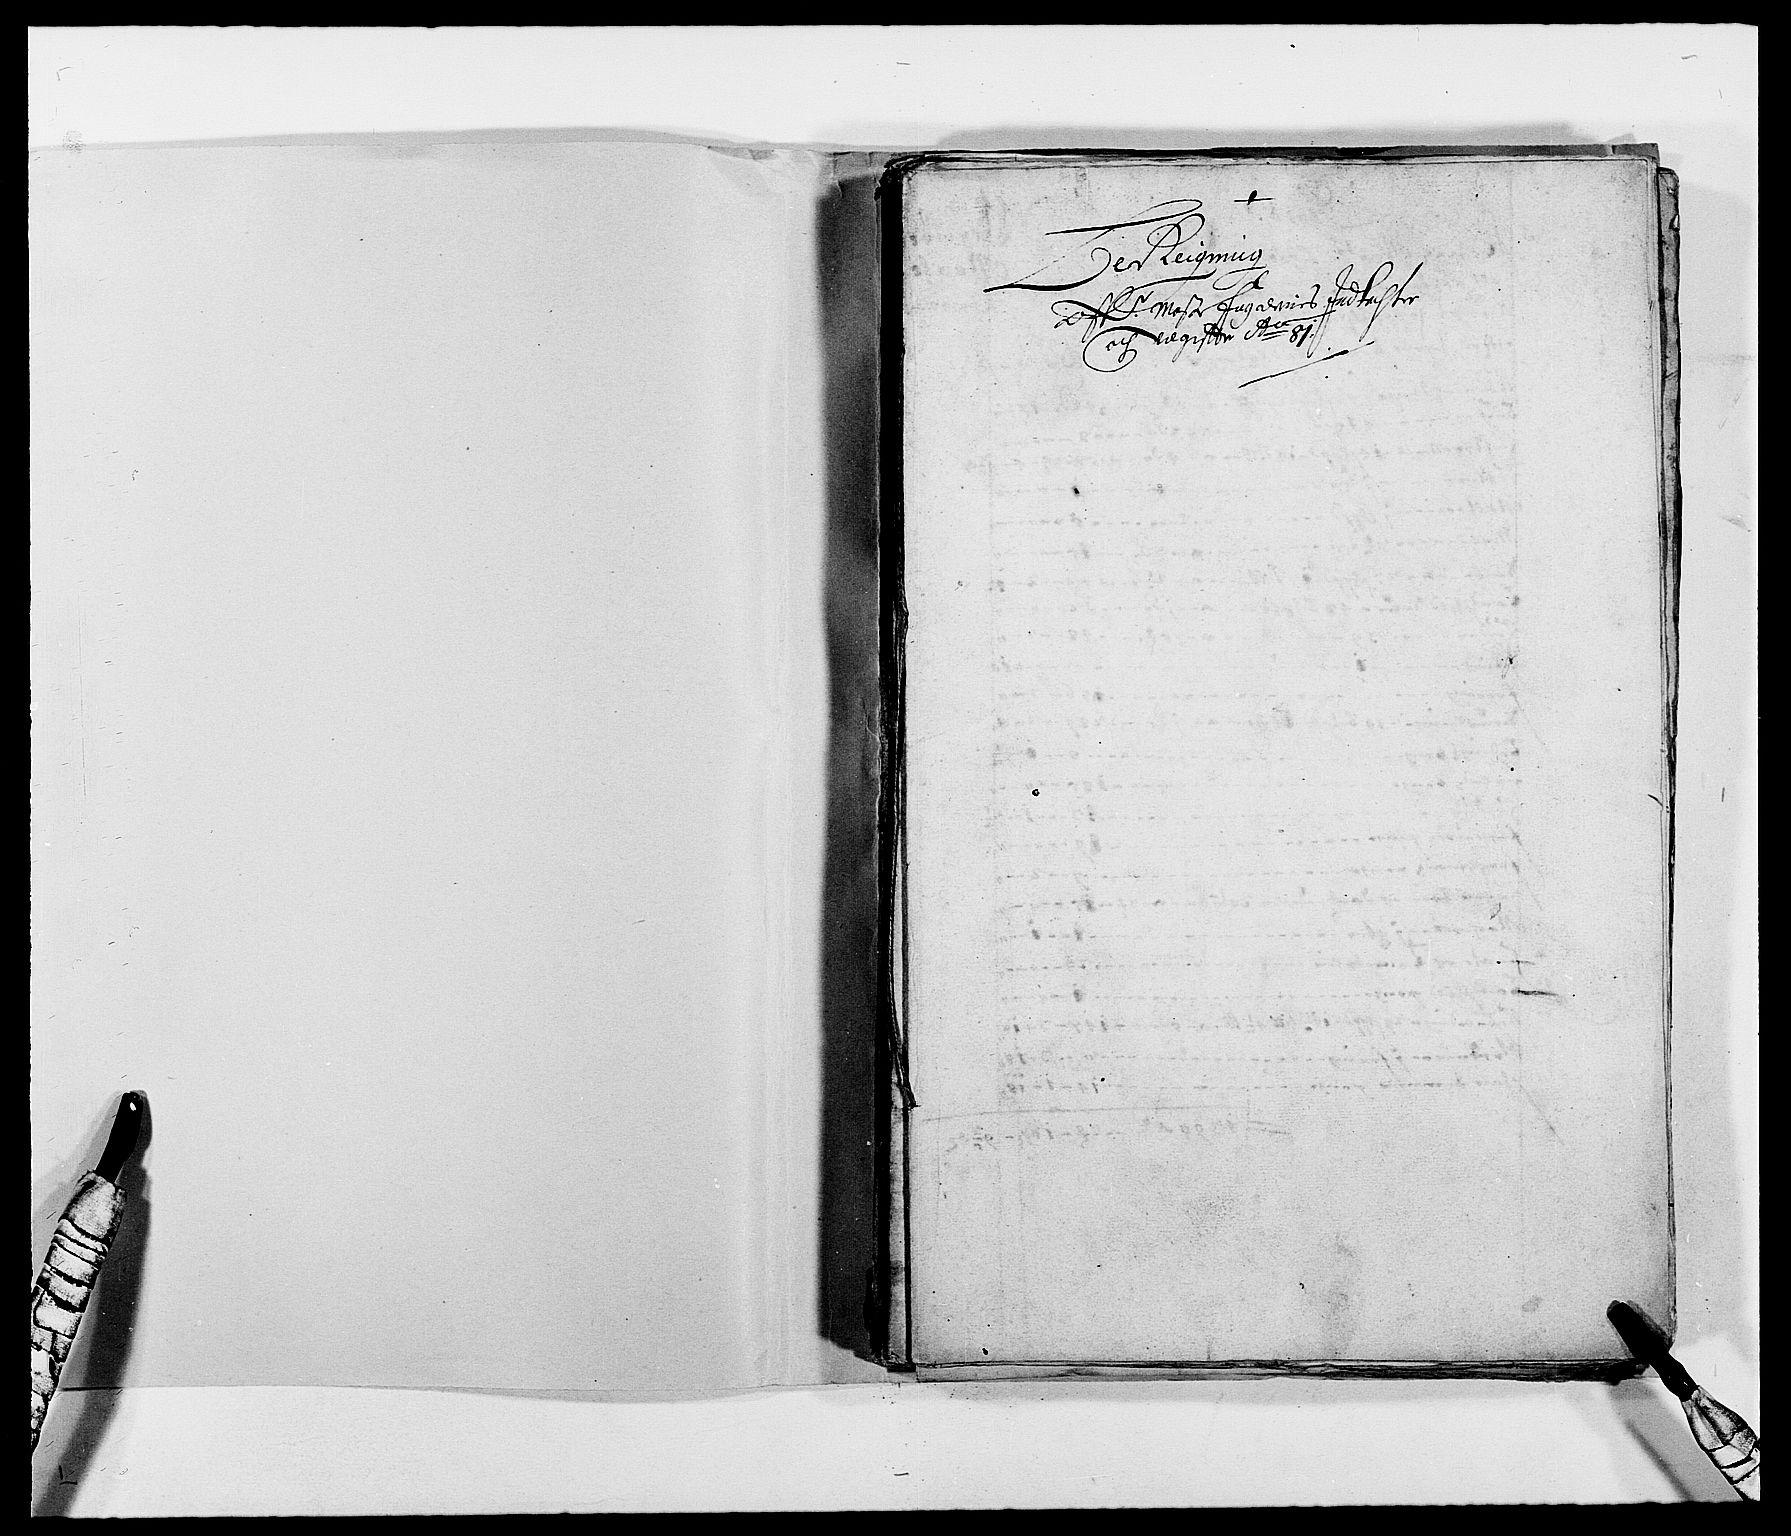 RA, Rentekammeret inntil 1814, Reviderte regnskaper, Fogderegnskap, R02/L0102: Fogderegnskap Moss og Verne kloster, 1675-1681, s. 229